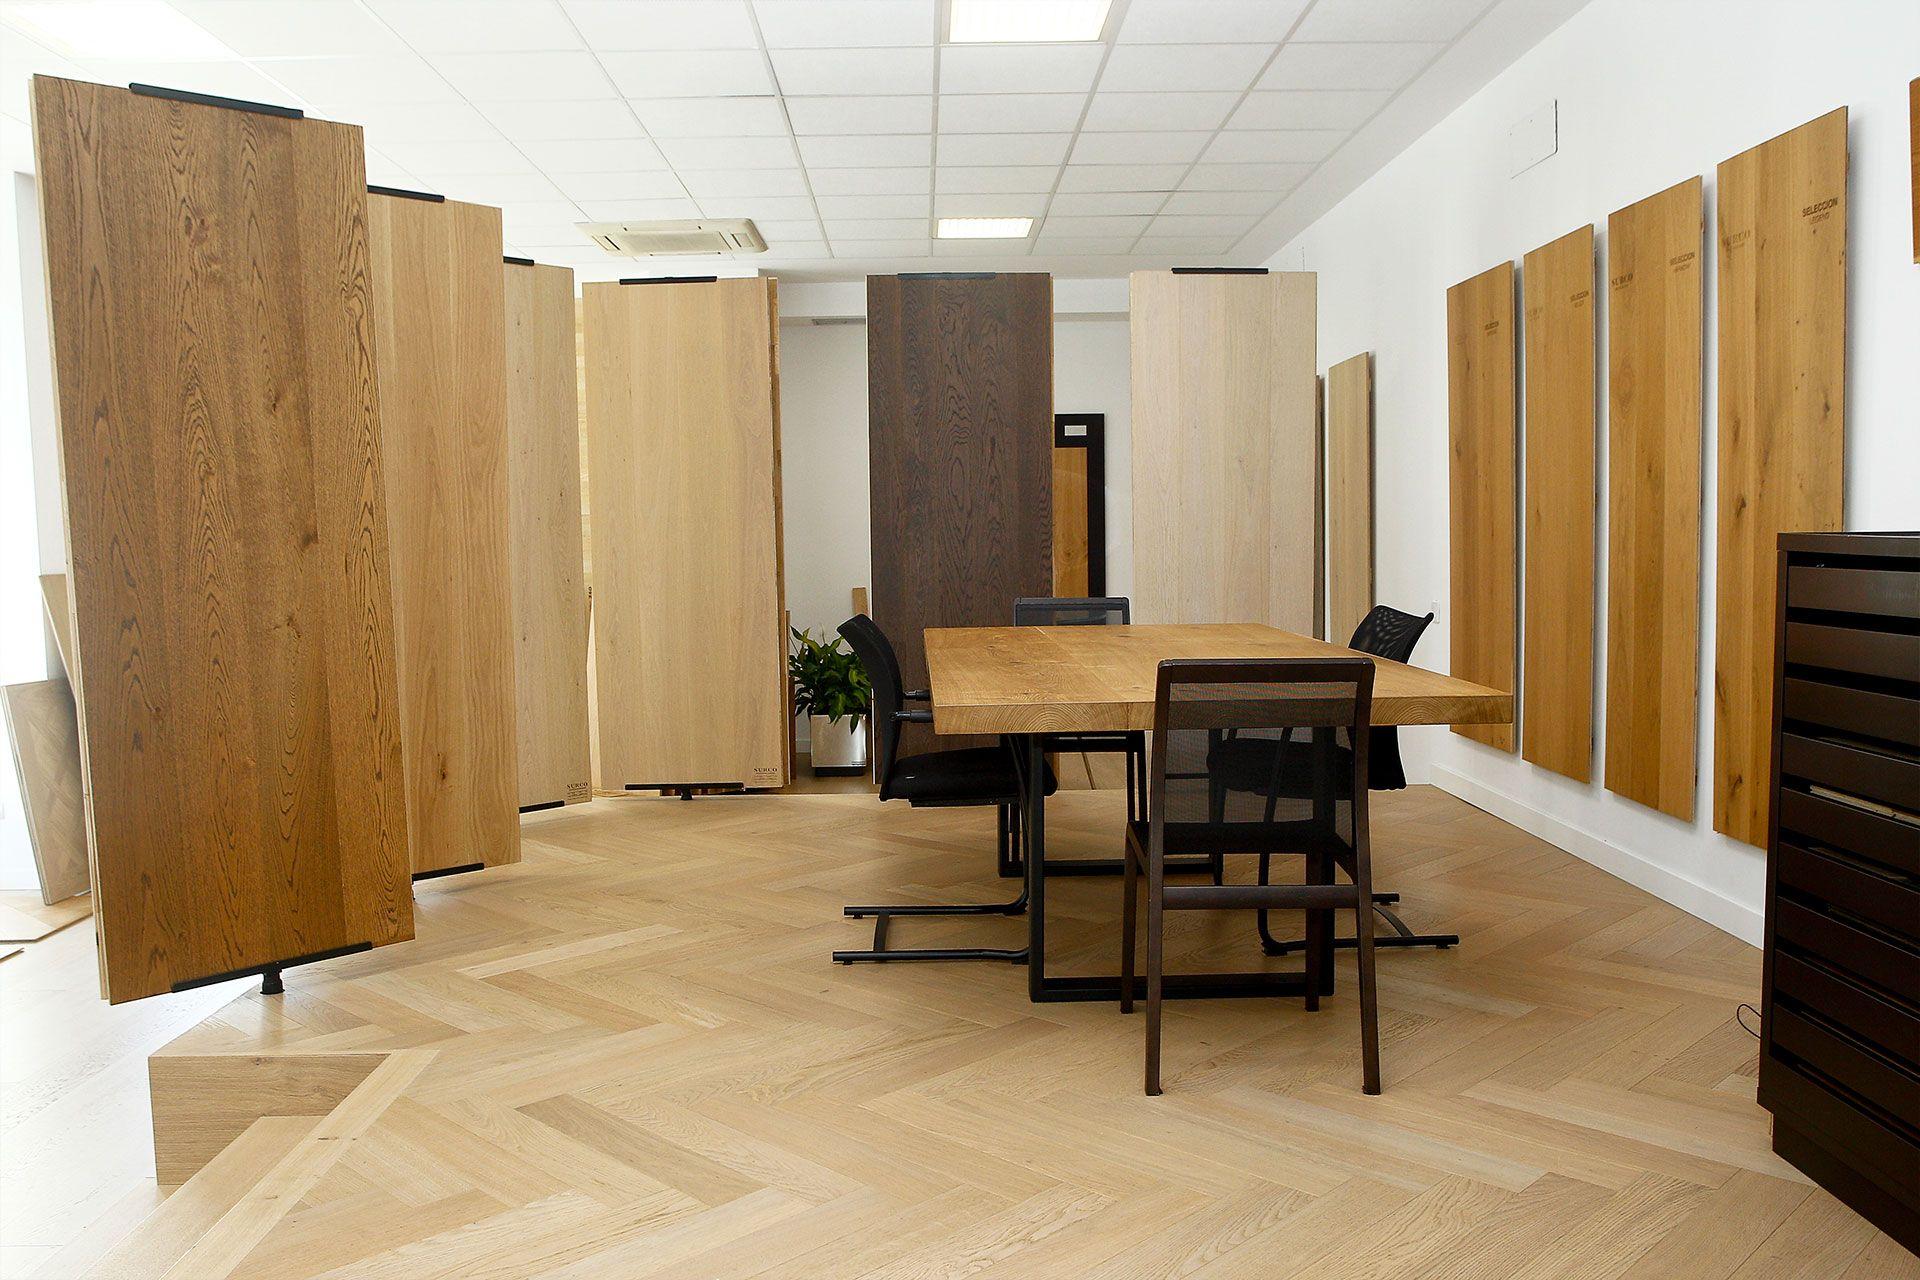 exposicion de madera surco en cantabria tpi